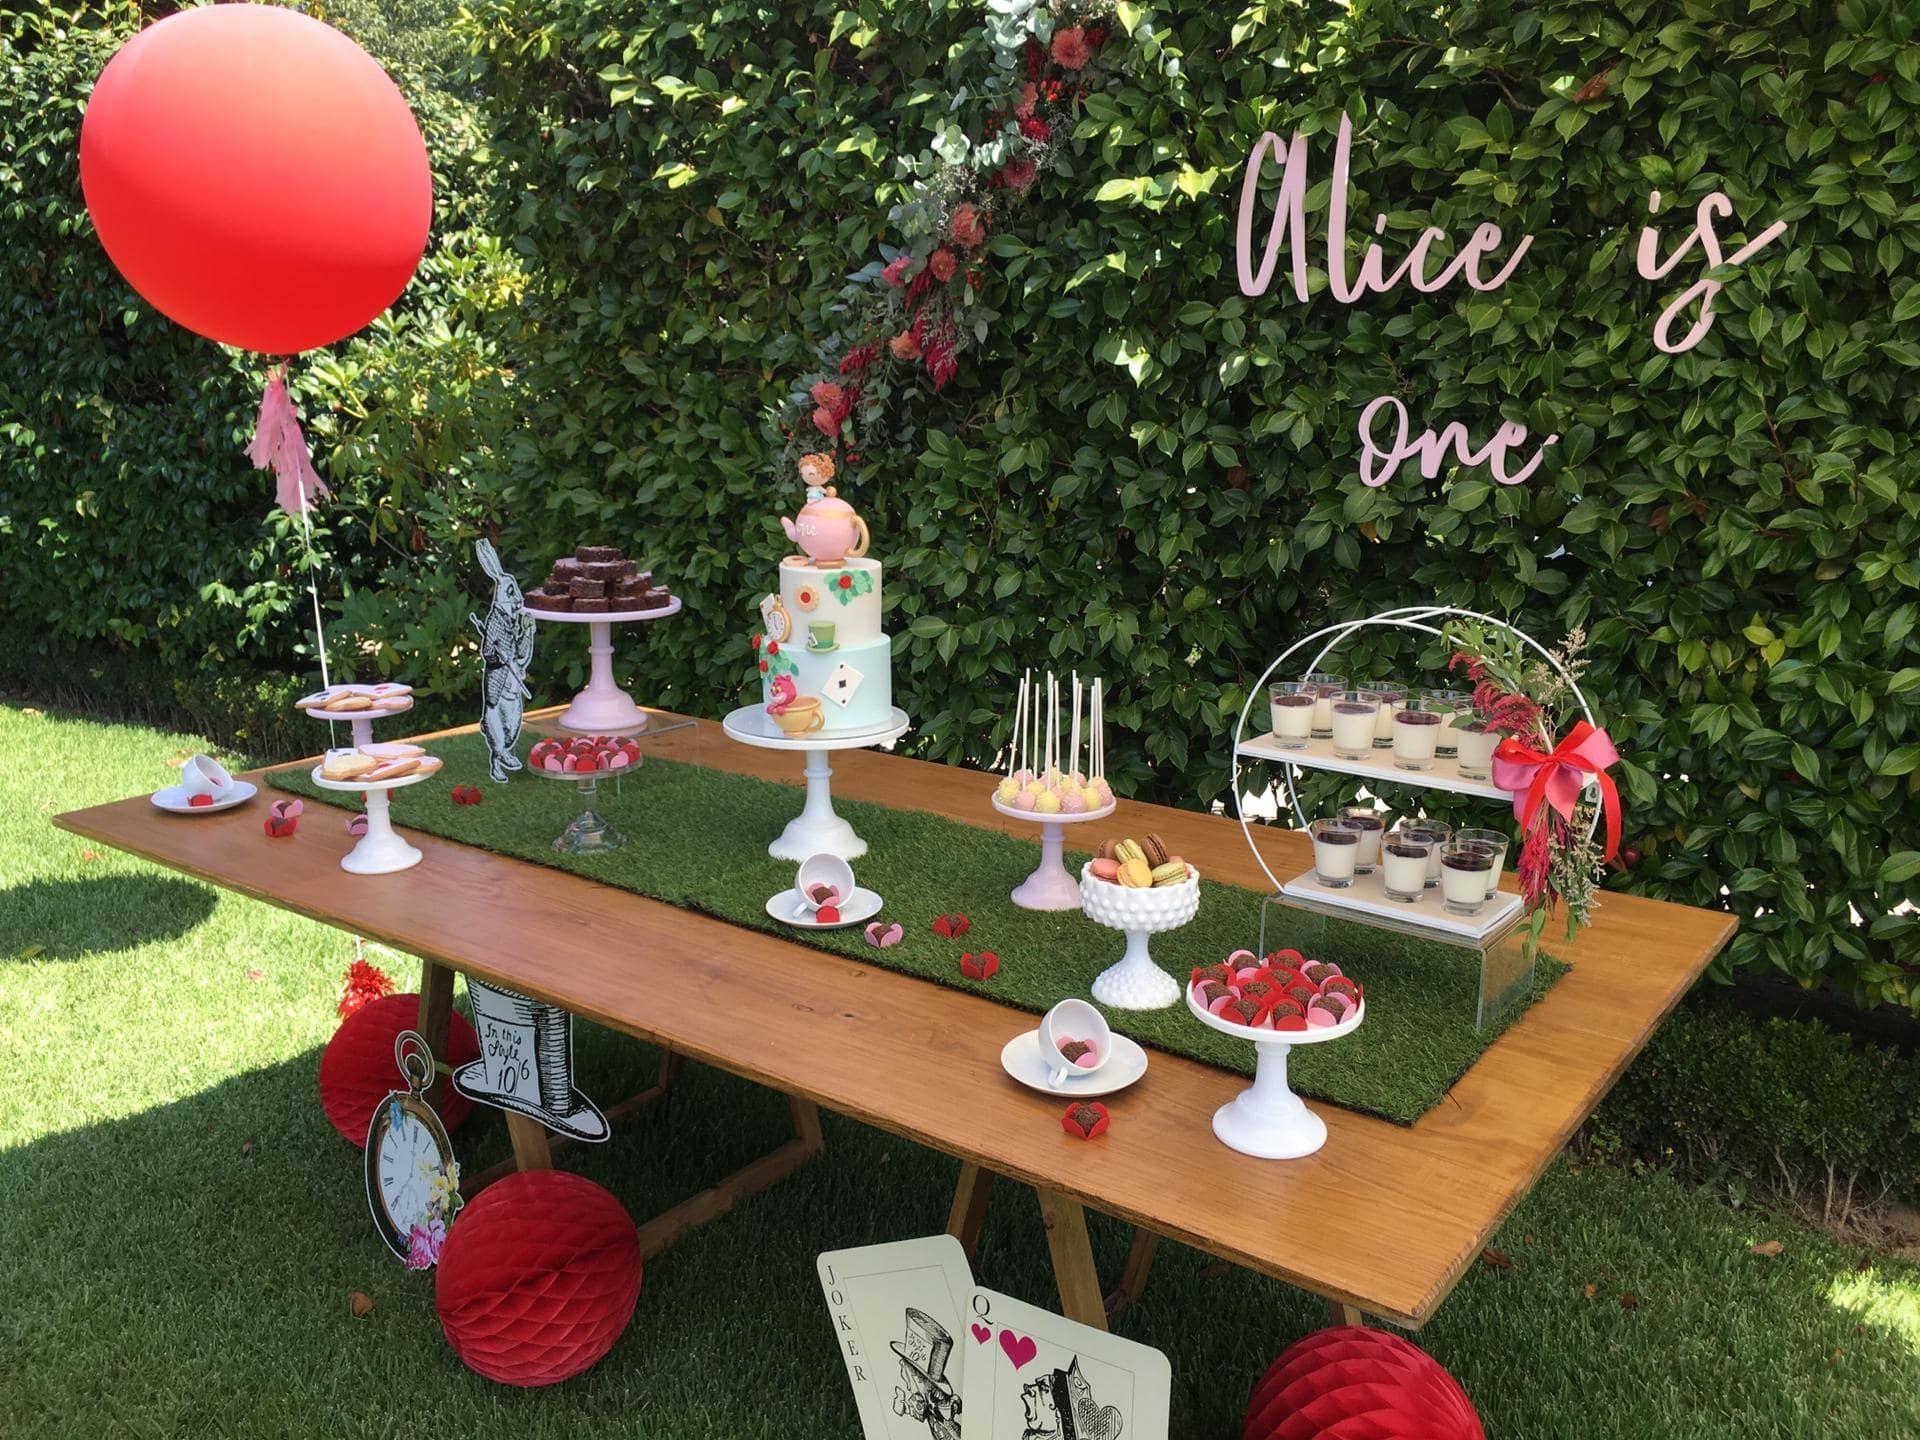 mesa decorada com tema Alice no Pais das Maravilhas